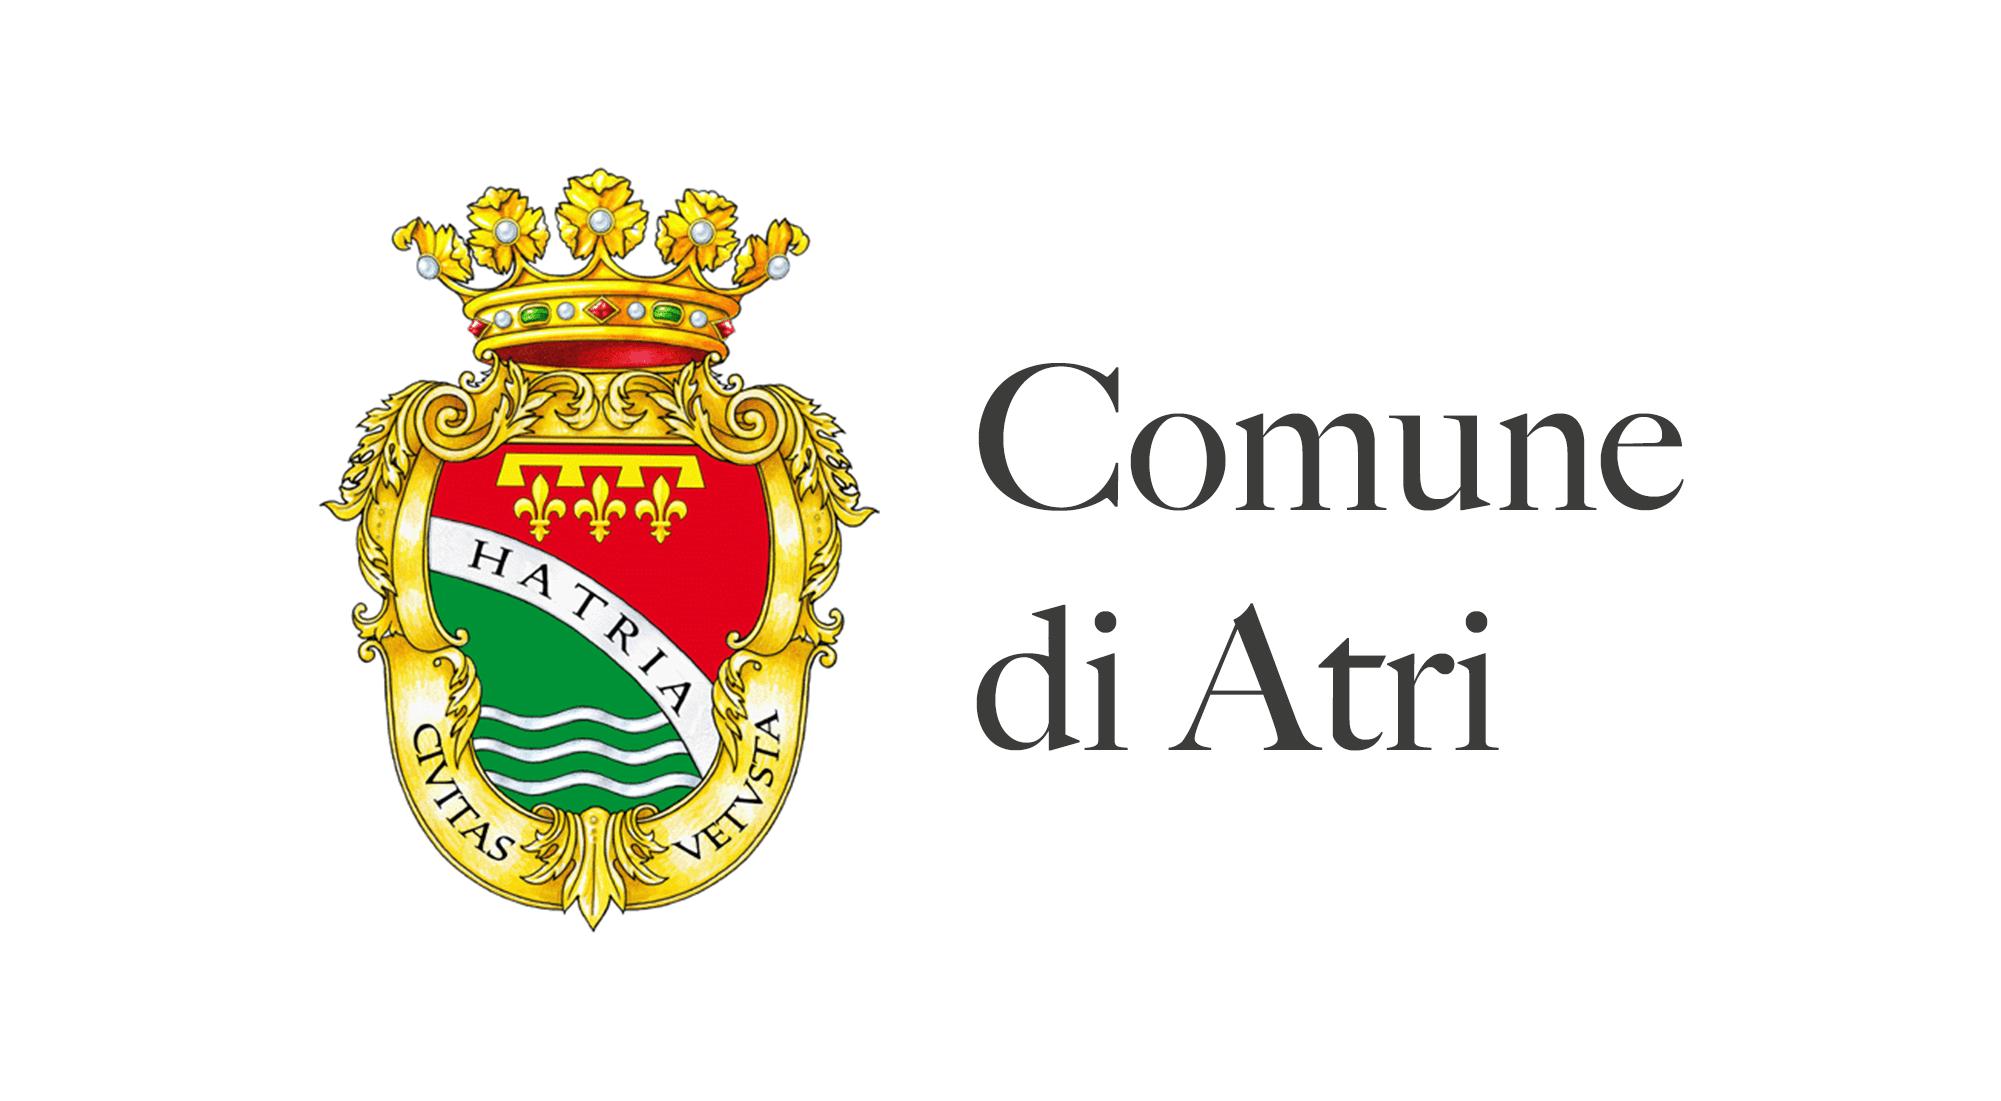 Comune di Atri